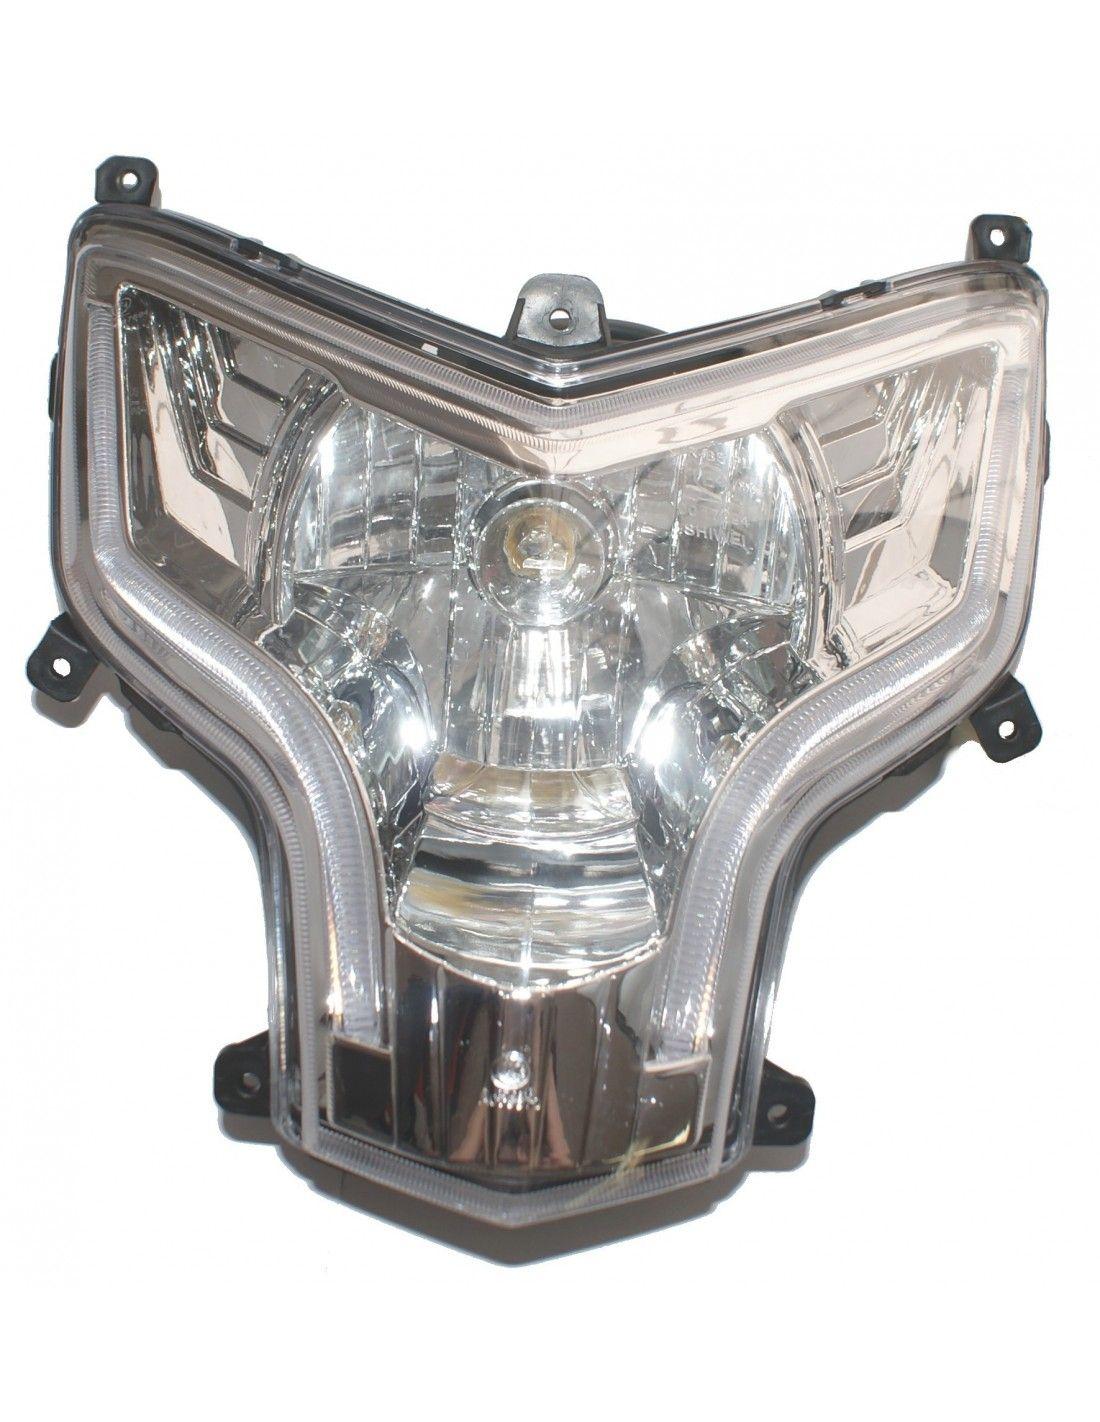 Lampa przednia Romet 727 Premium od 2014 do 2017